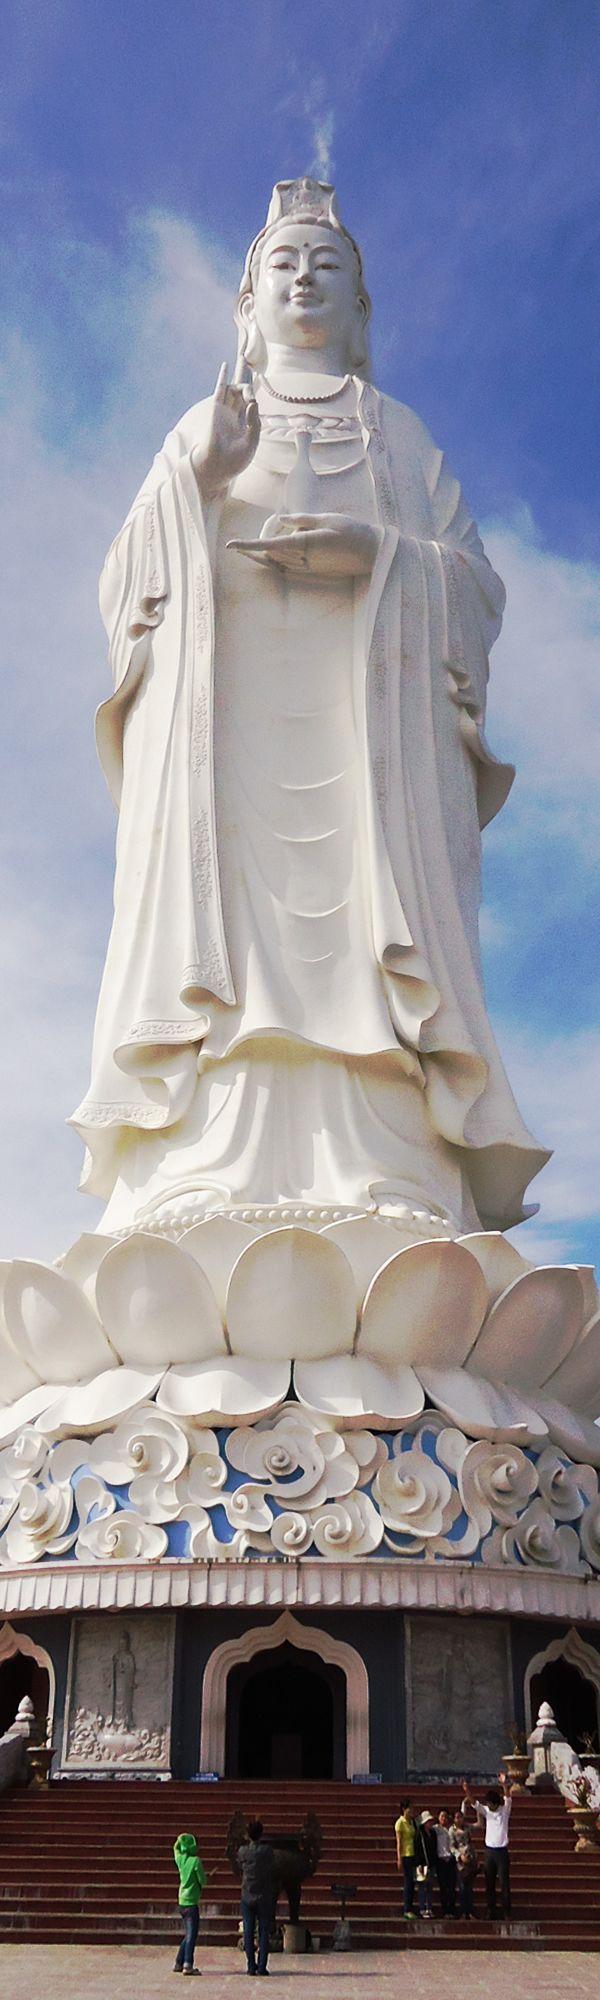 ダナン市リンウンバイブット寺にある、高さ67メートルの観音菩薩像(The Buddha statue situated at Linh Ung Pagoda, Da Nang city, with 67m height!)